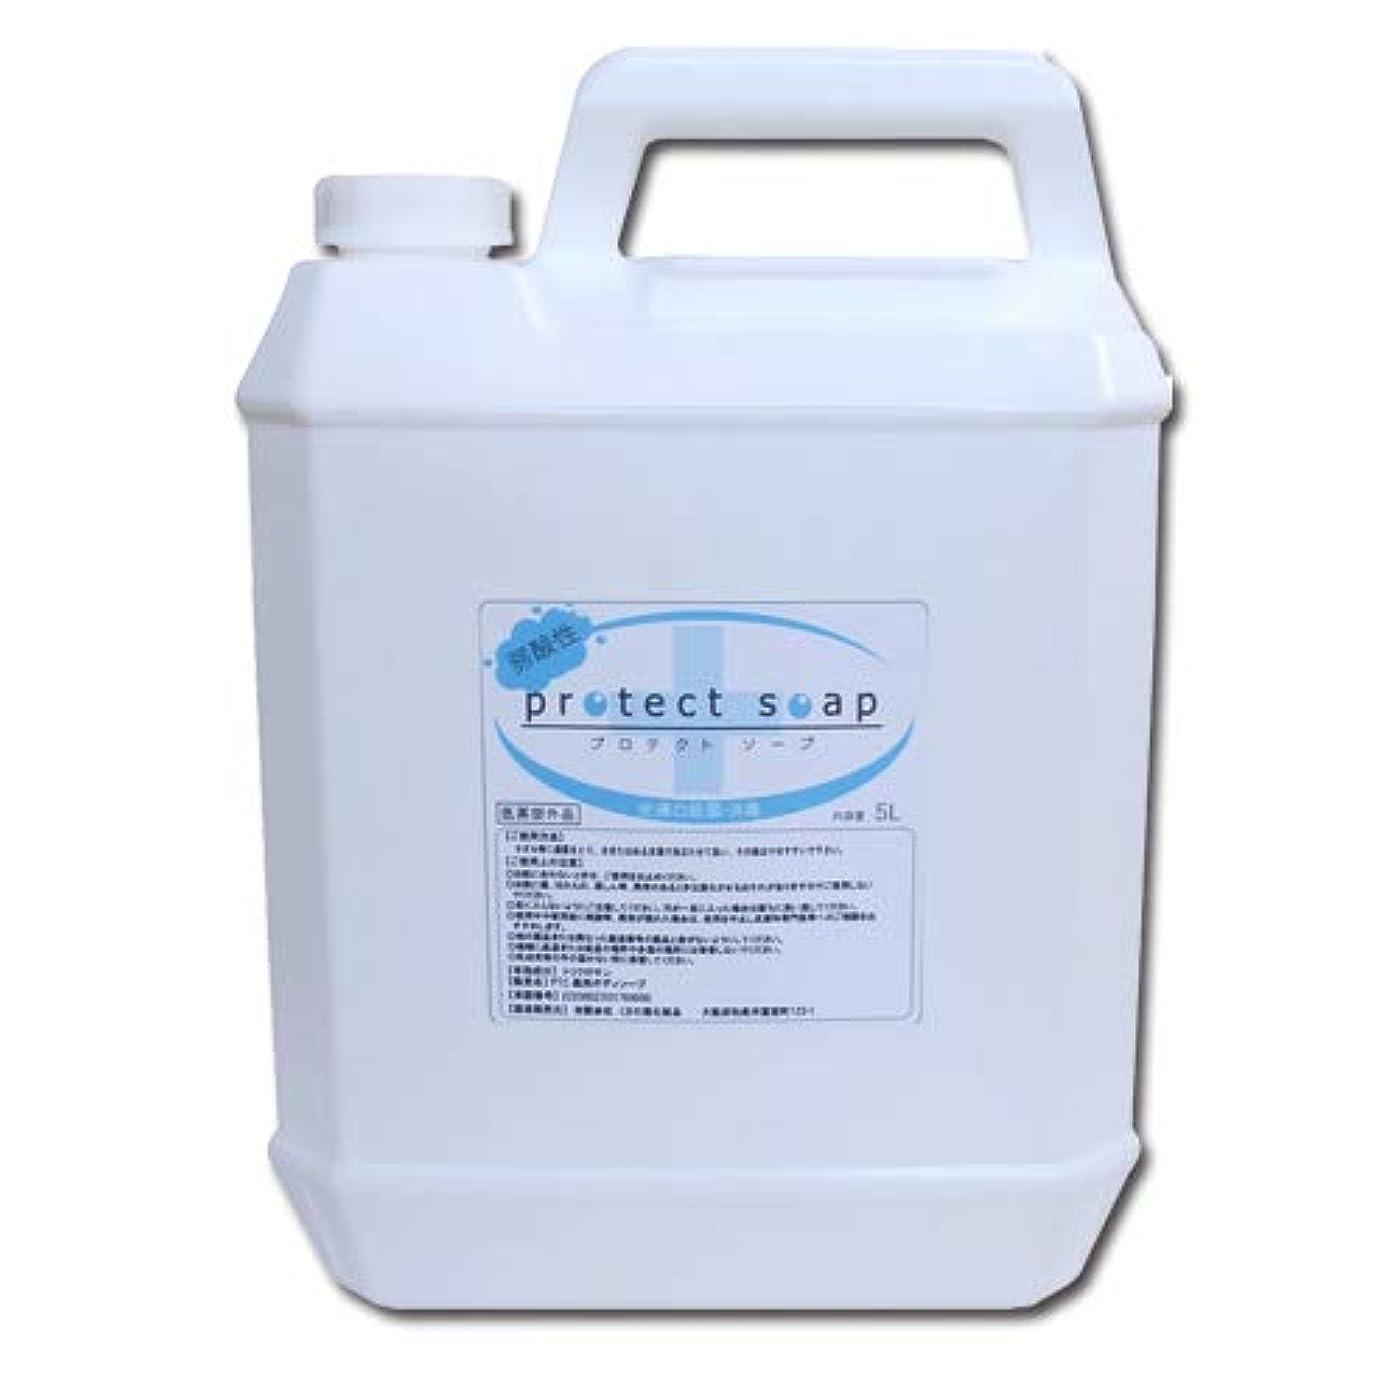 誓う批判的にクマノミ低刺激弱酸性 液体石鹸 プロテクトソープ 5L 業務用│せっけん液 液体せっけん 殺菌?消毒 インフルエンザ?ノロウィルス対策